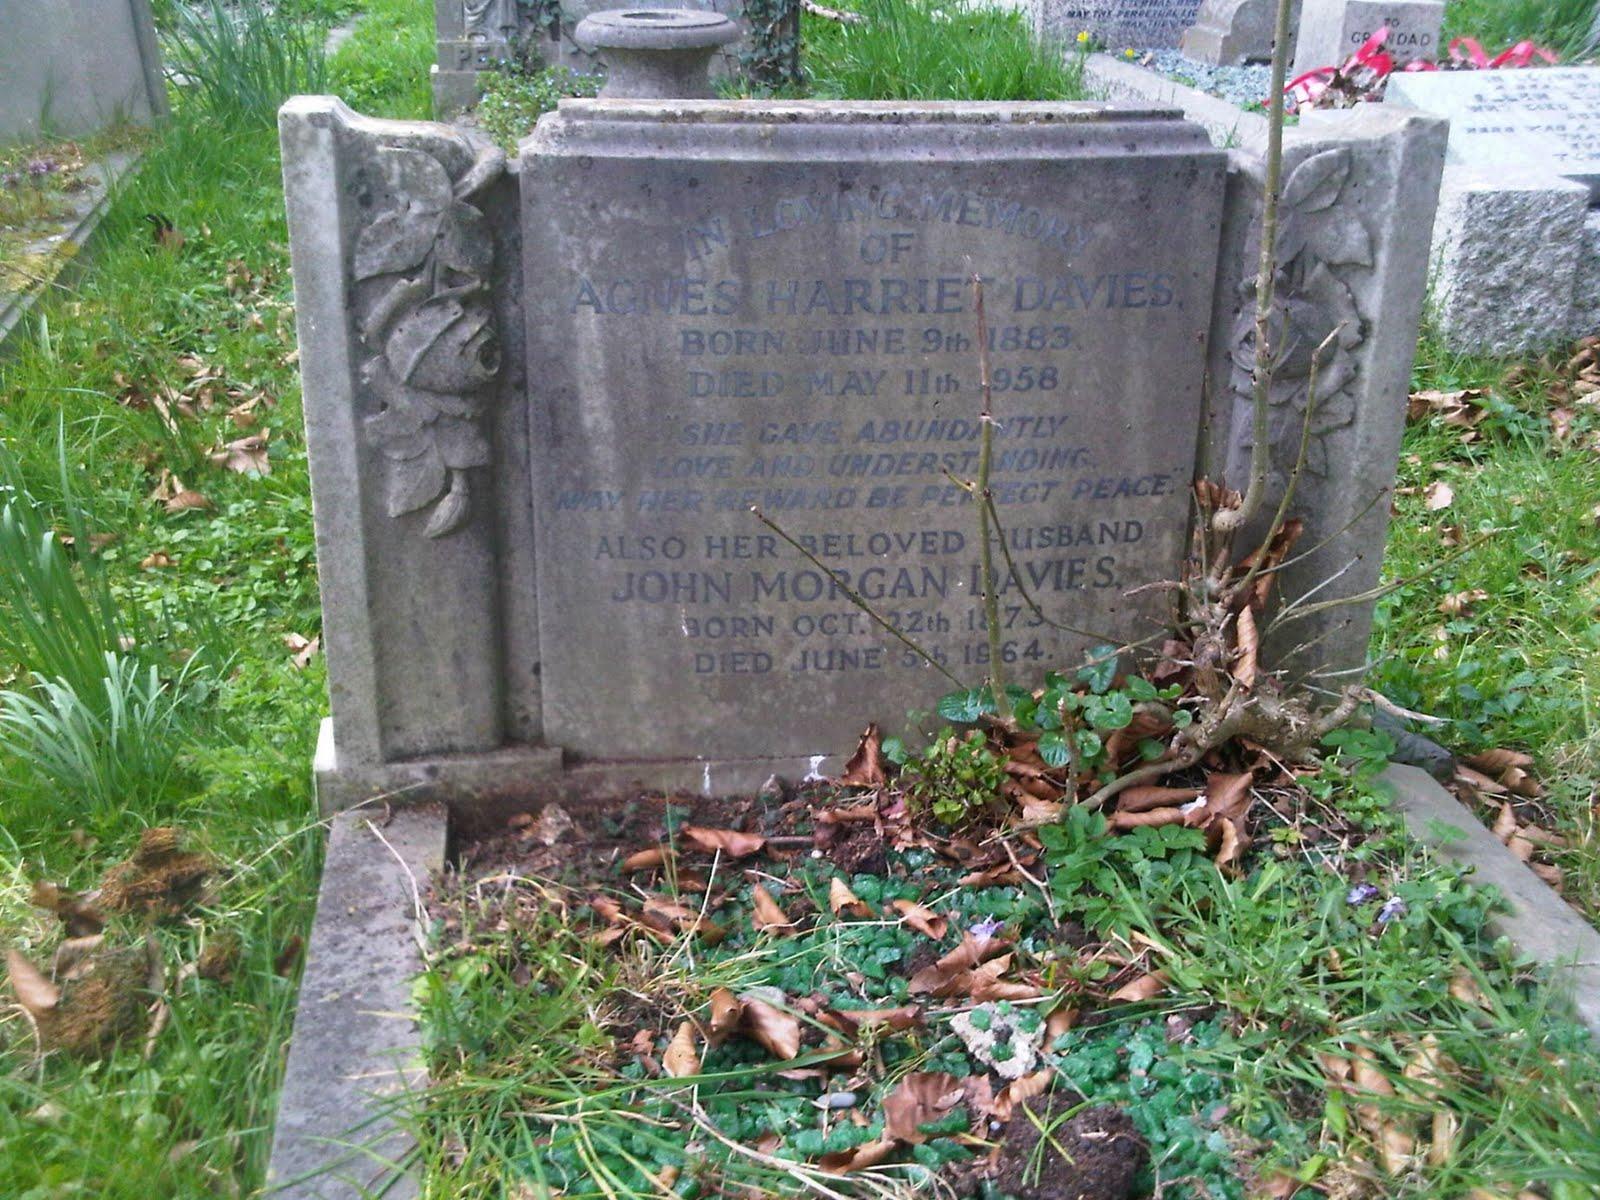 http://3.bp.blogspot.com/--ALxYUAIH0w/TapTuPaFsnI/AAAAAAAAGhg/RdgOZcZS12g/s1600/Agnes+Harriet+nee+Robertson+Davies+Grave+1.jpg